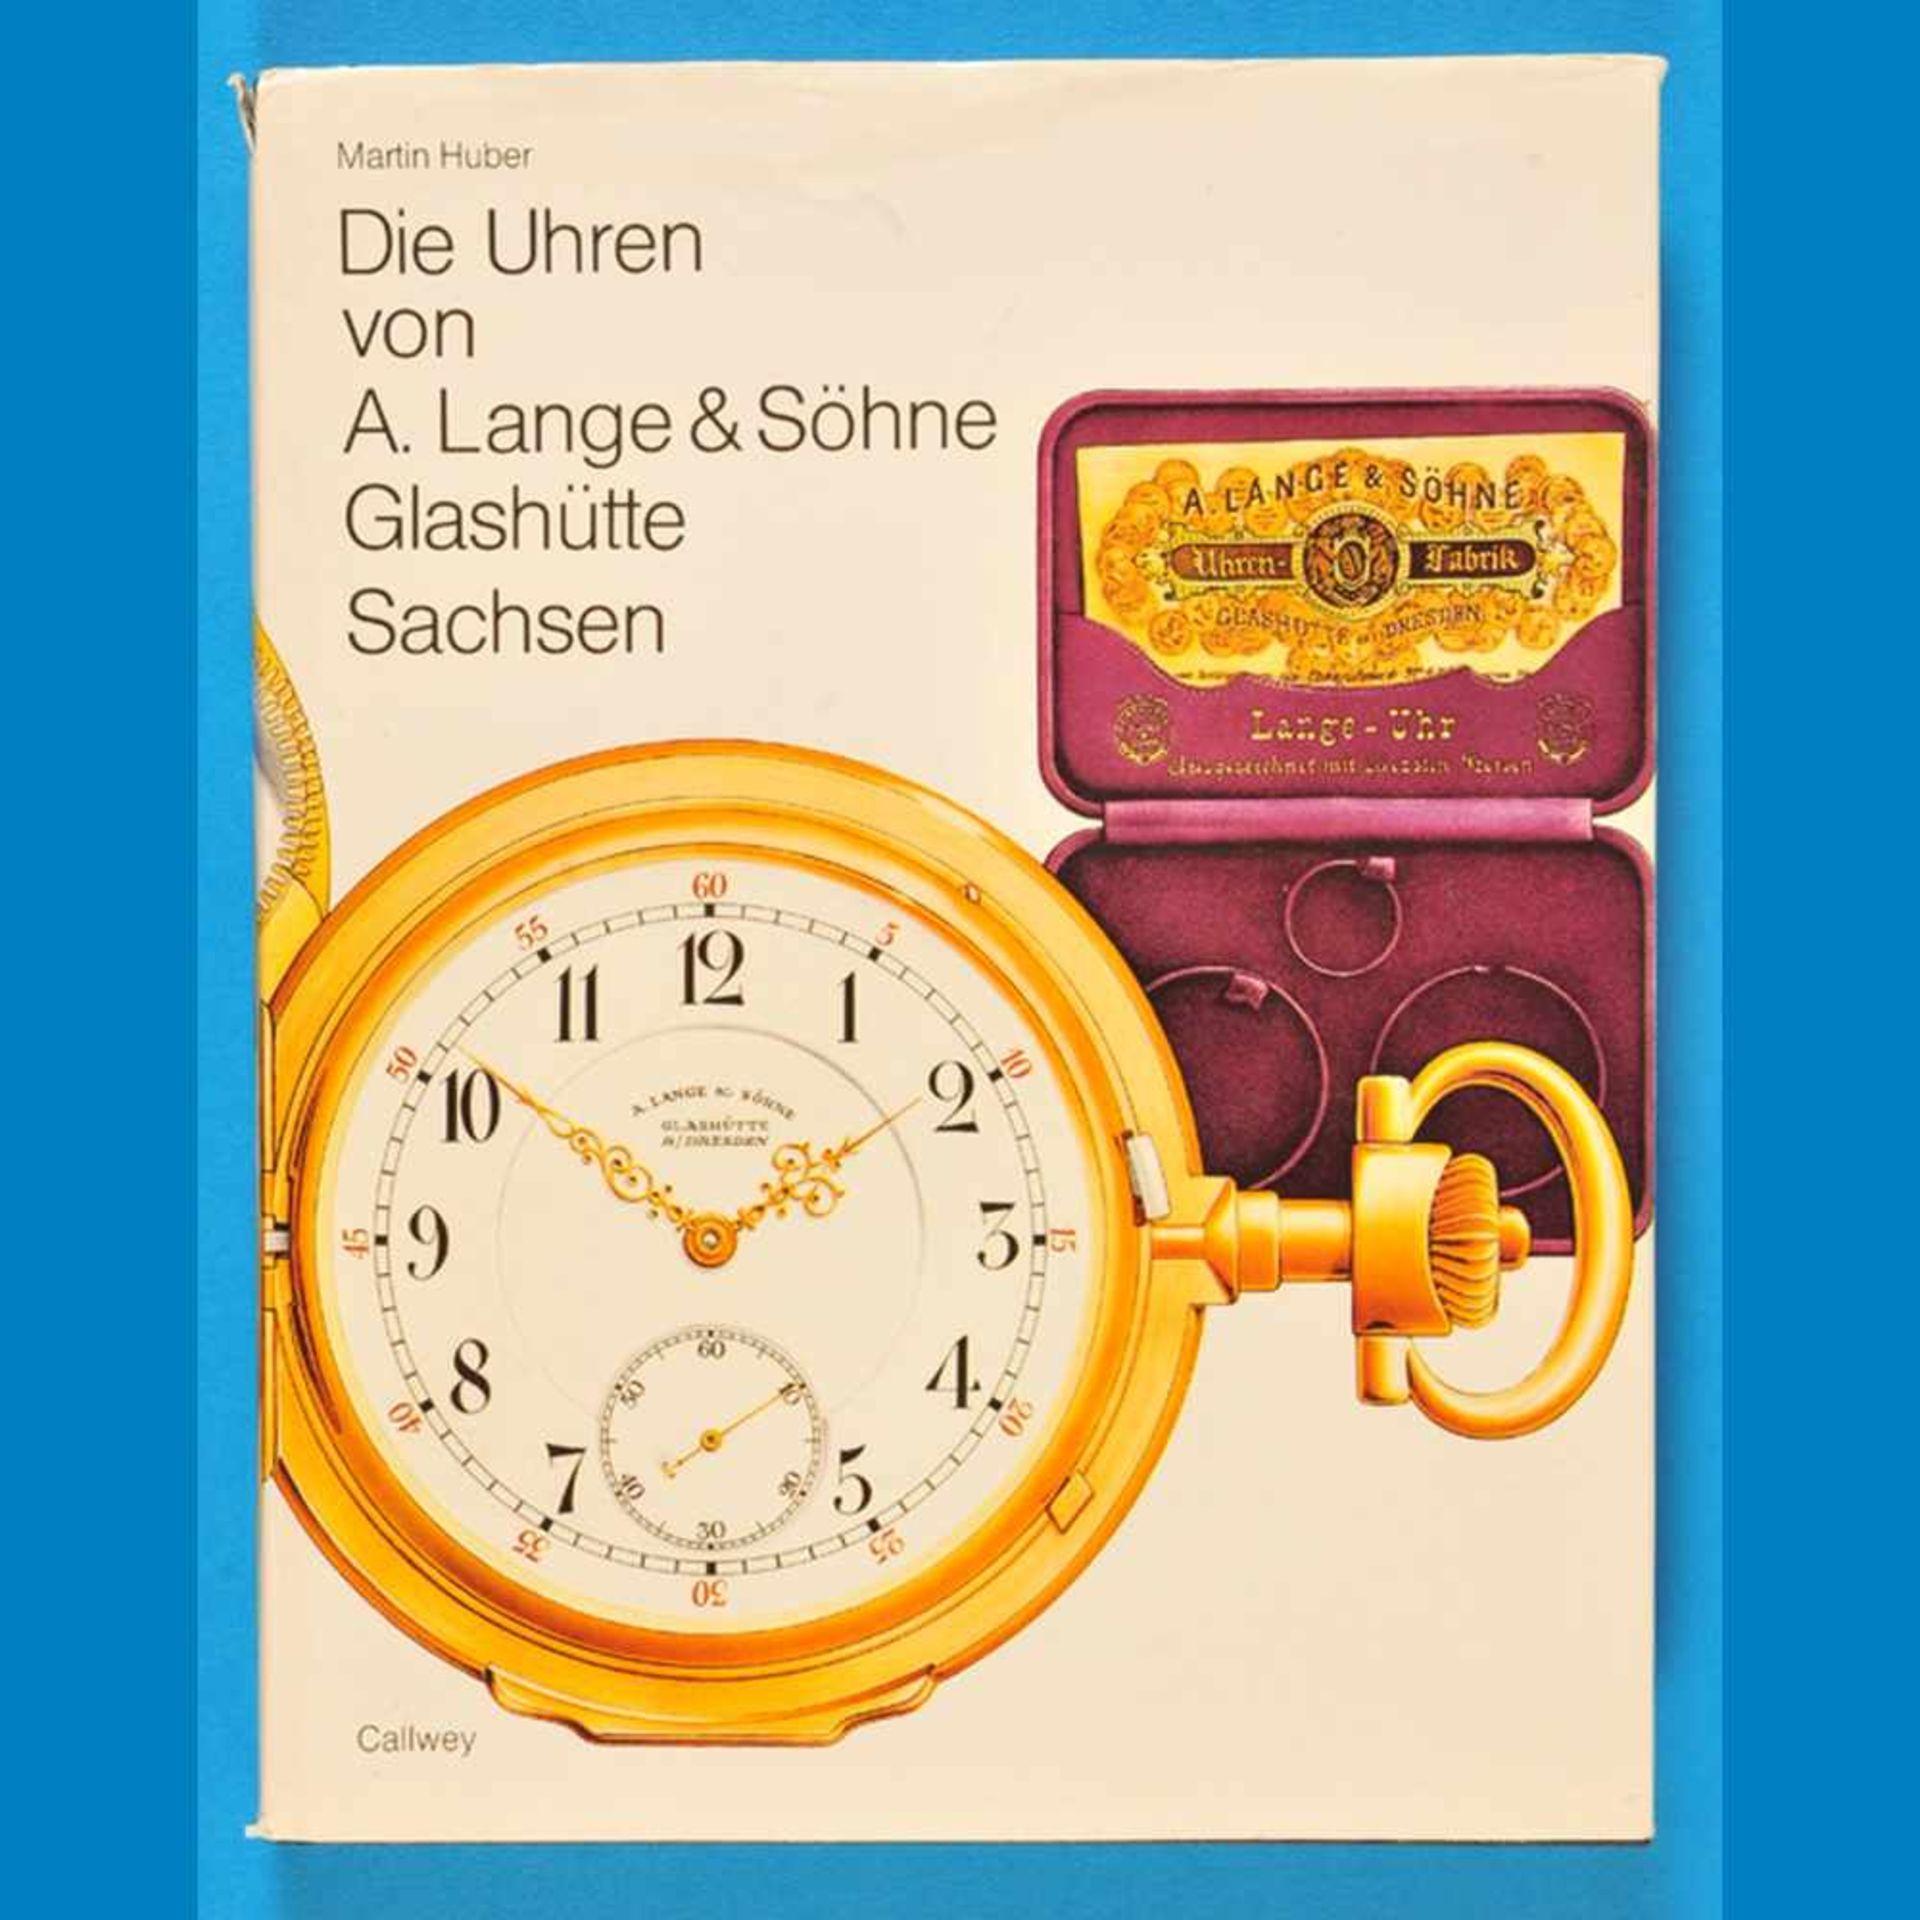 Martin Huber, Die Uhren von A. Lange & Söhne, Glashütte/Sachsen, 1988